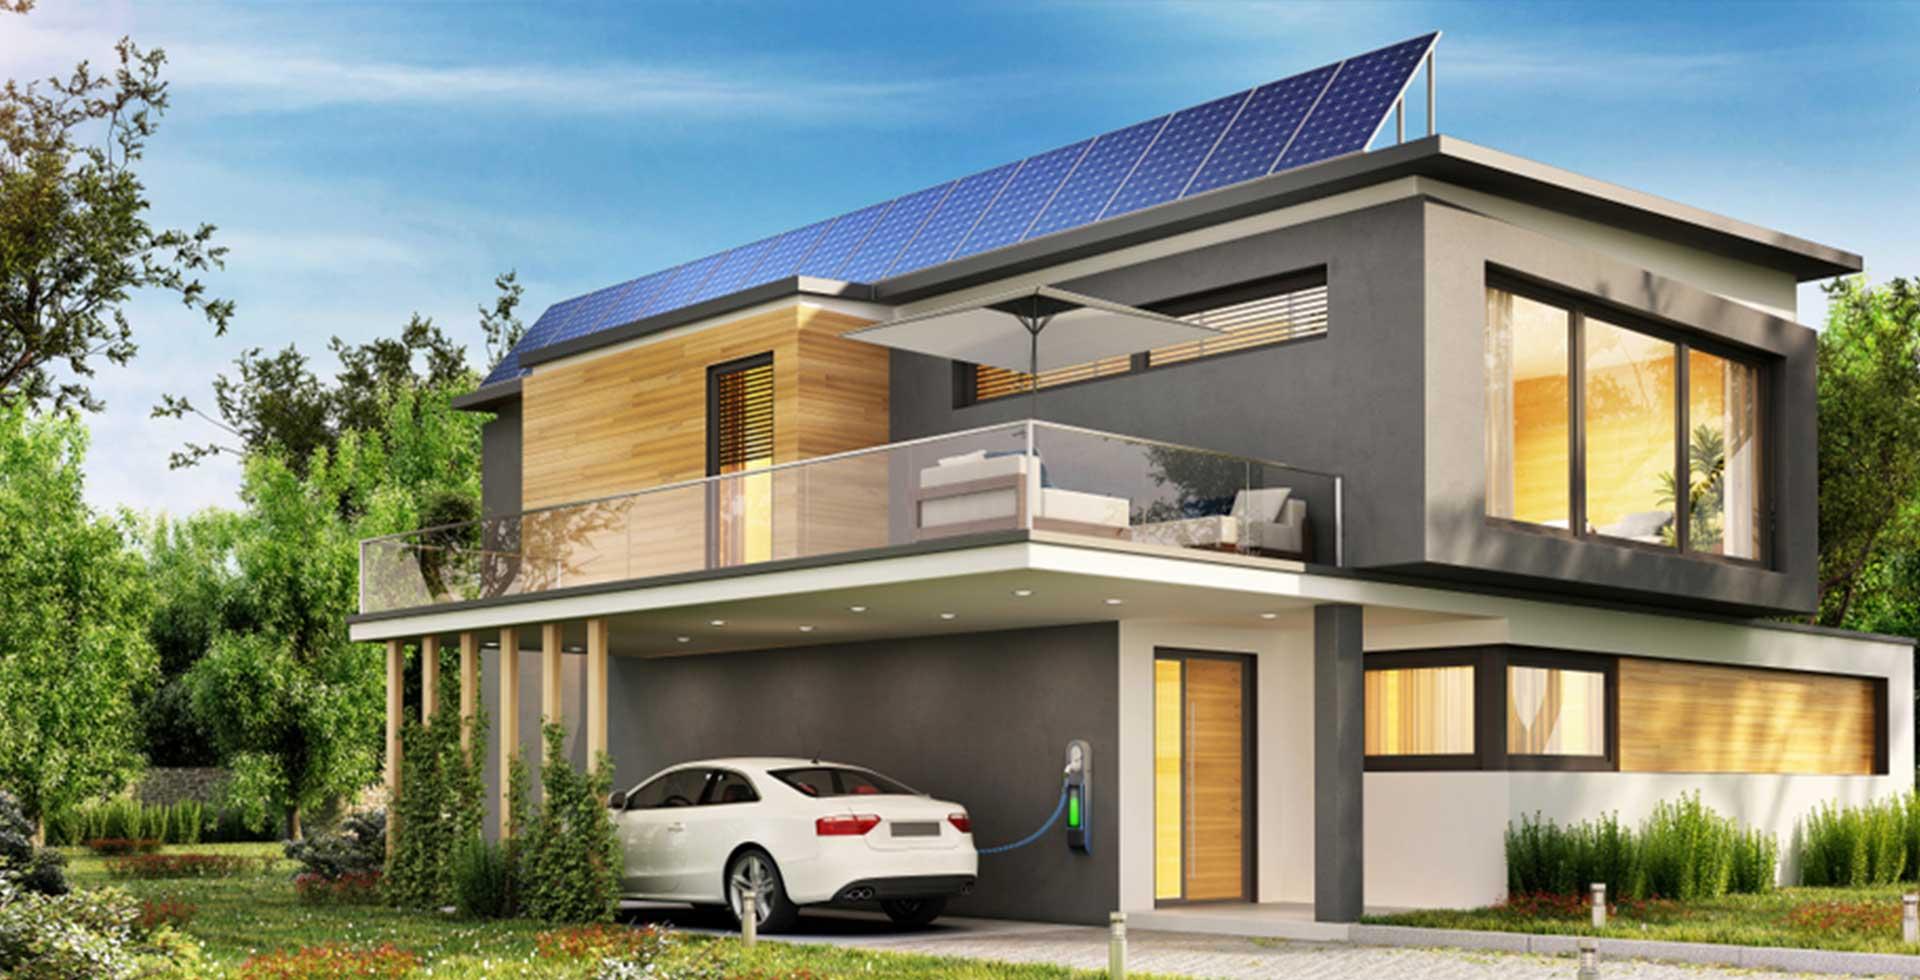 best solar company in Pakistan